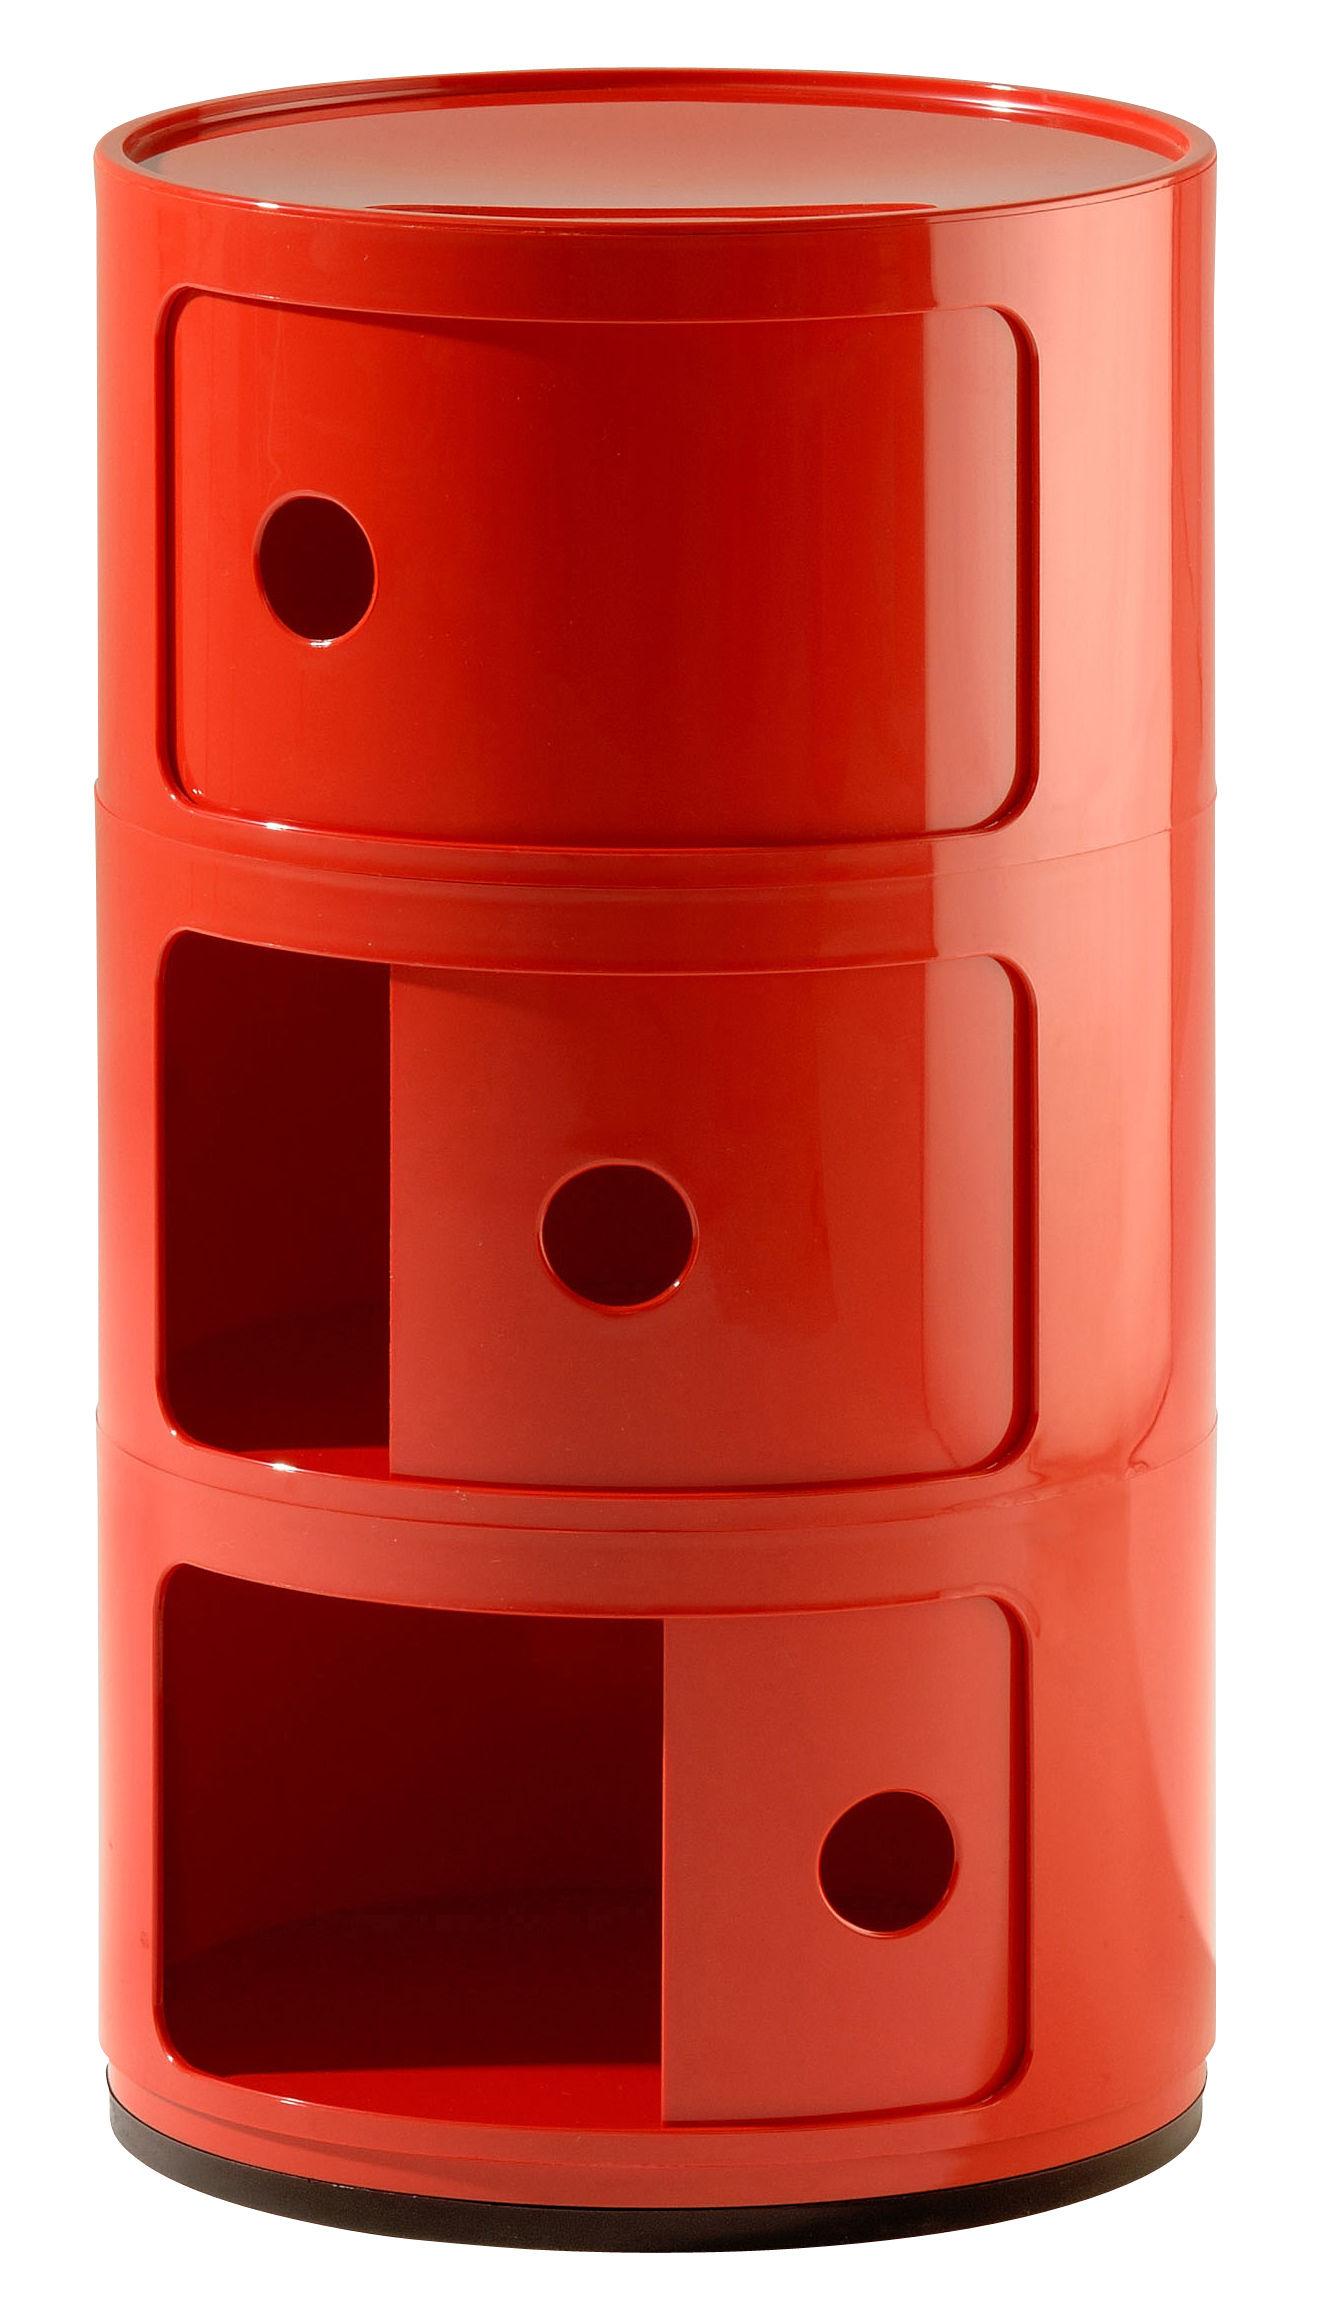 Möbel - Möbel für Teens - Componibili Ablage - Kartell - 3 Elemente - Rot - ABS